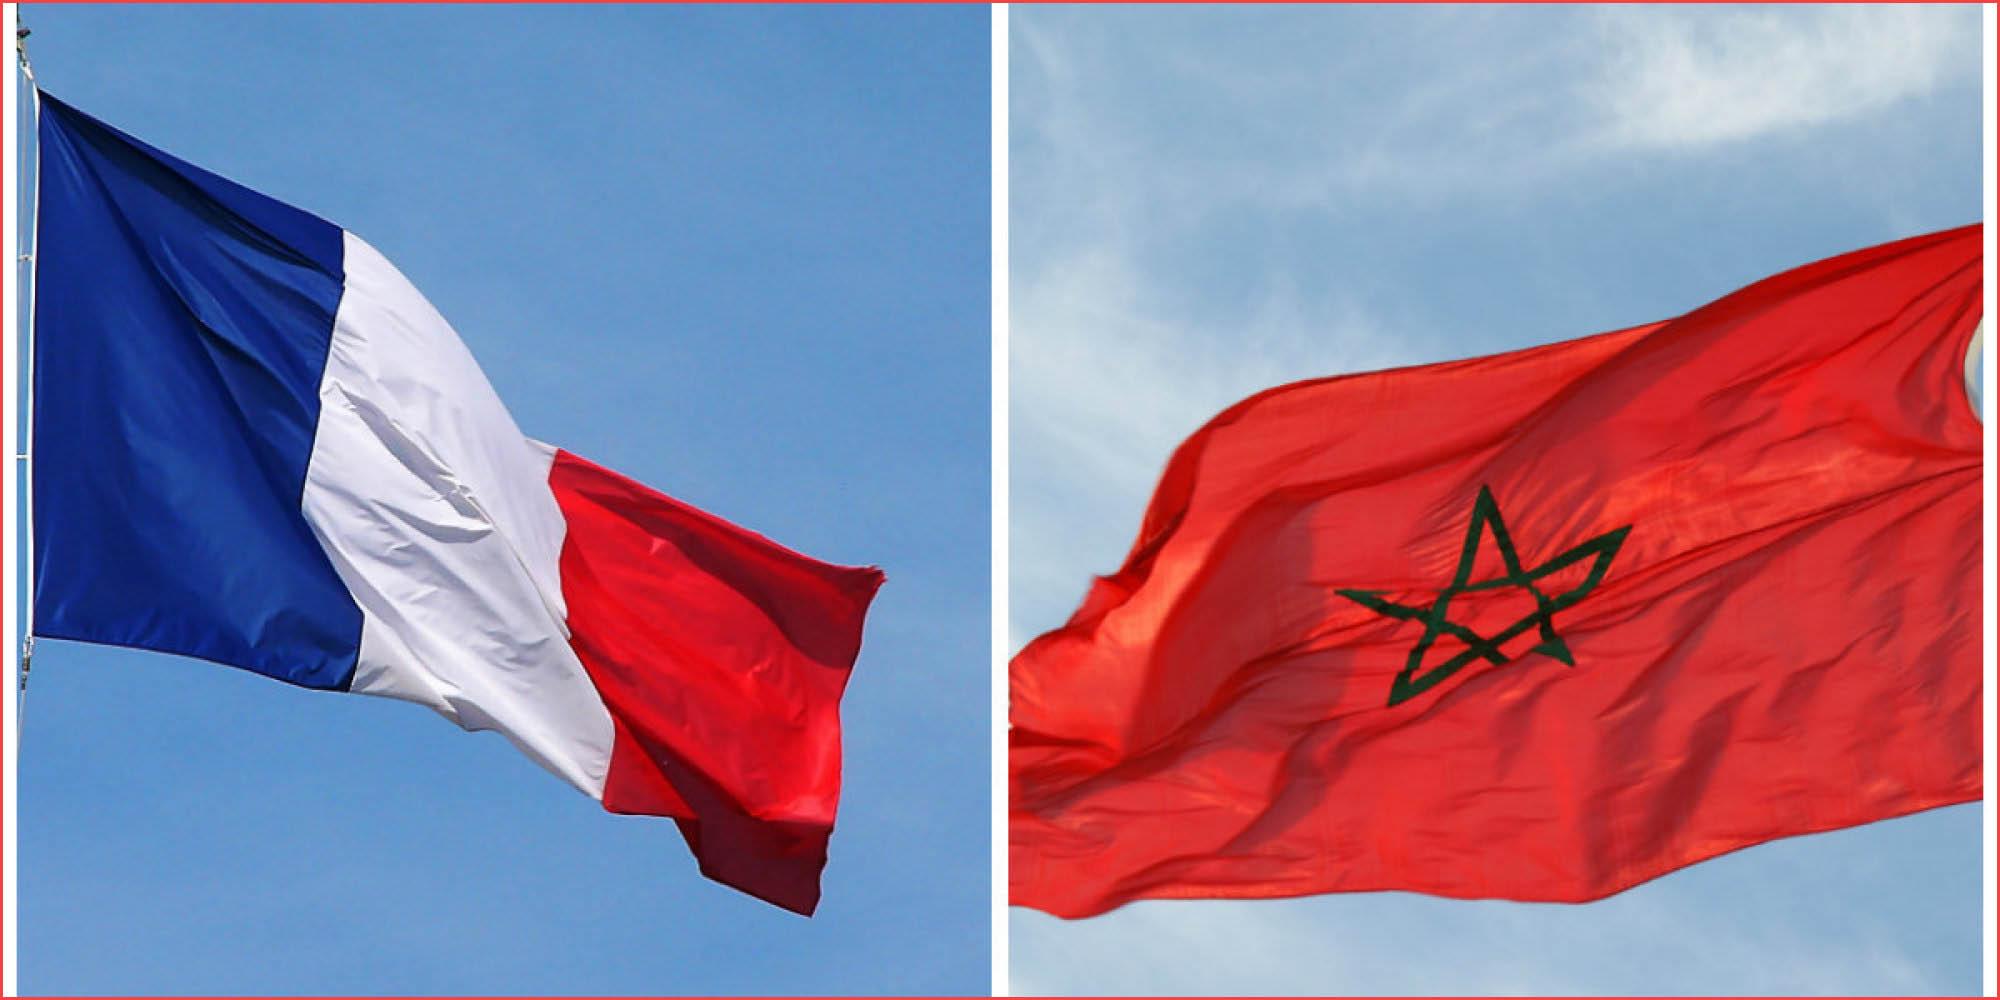 الوثائق المطلوبة للحصول على تأشيرة فرنسا من المغرب 2020/ 2021